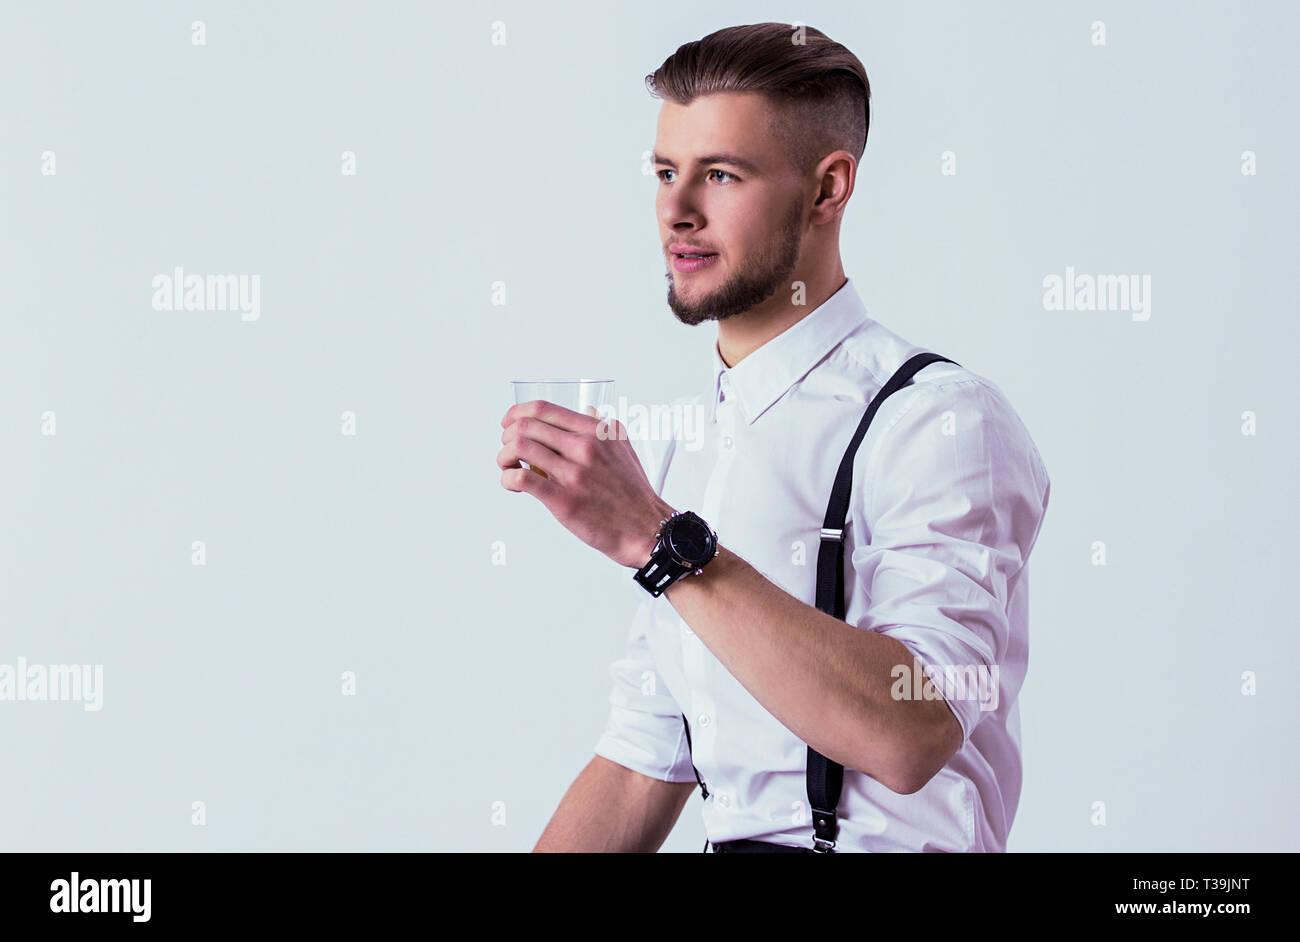 f4e7dd4482906f Ritratto di uomo elegante in usura classica di bere whisky o scotch mentre  in piedi contro uno sfondo grigio. Fiducioso Uomo in camicia bianca e  sospesa